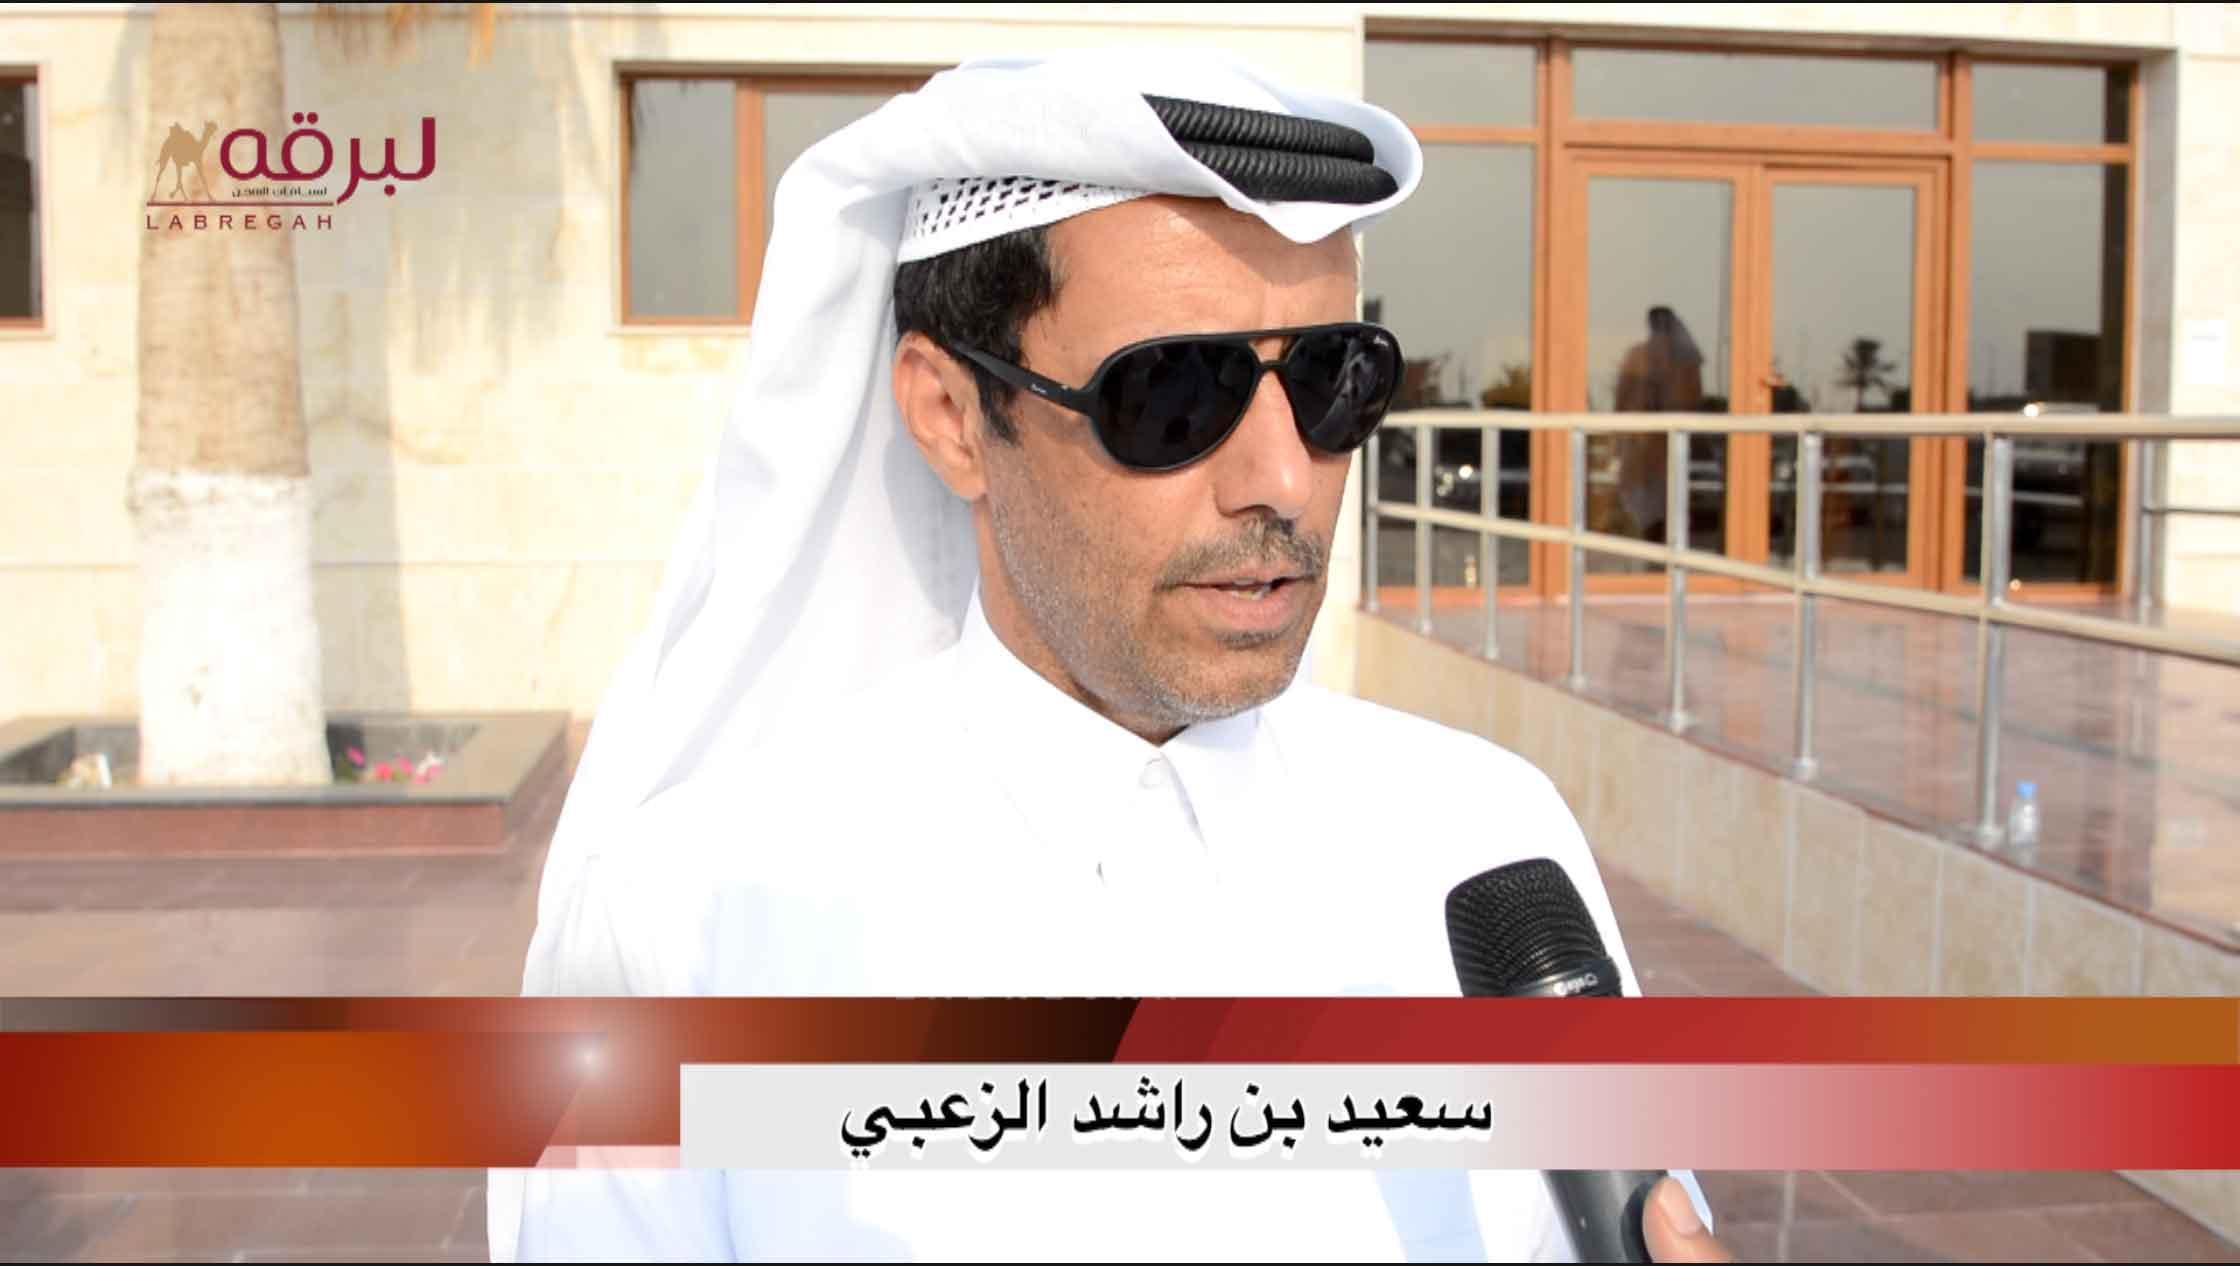 لقاء مع سعيد بن راشد الزعبي.. الشلفة الفضية جذاع بكار « عمانيات » الأشواط العامة ٢-١٢-٢٠٢٠